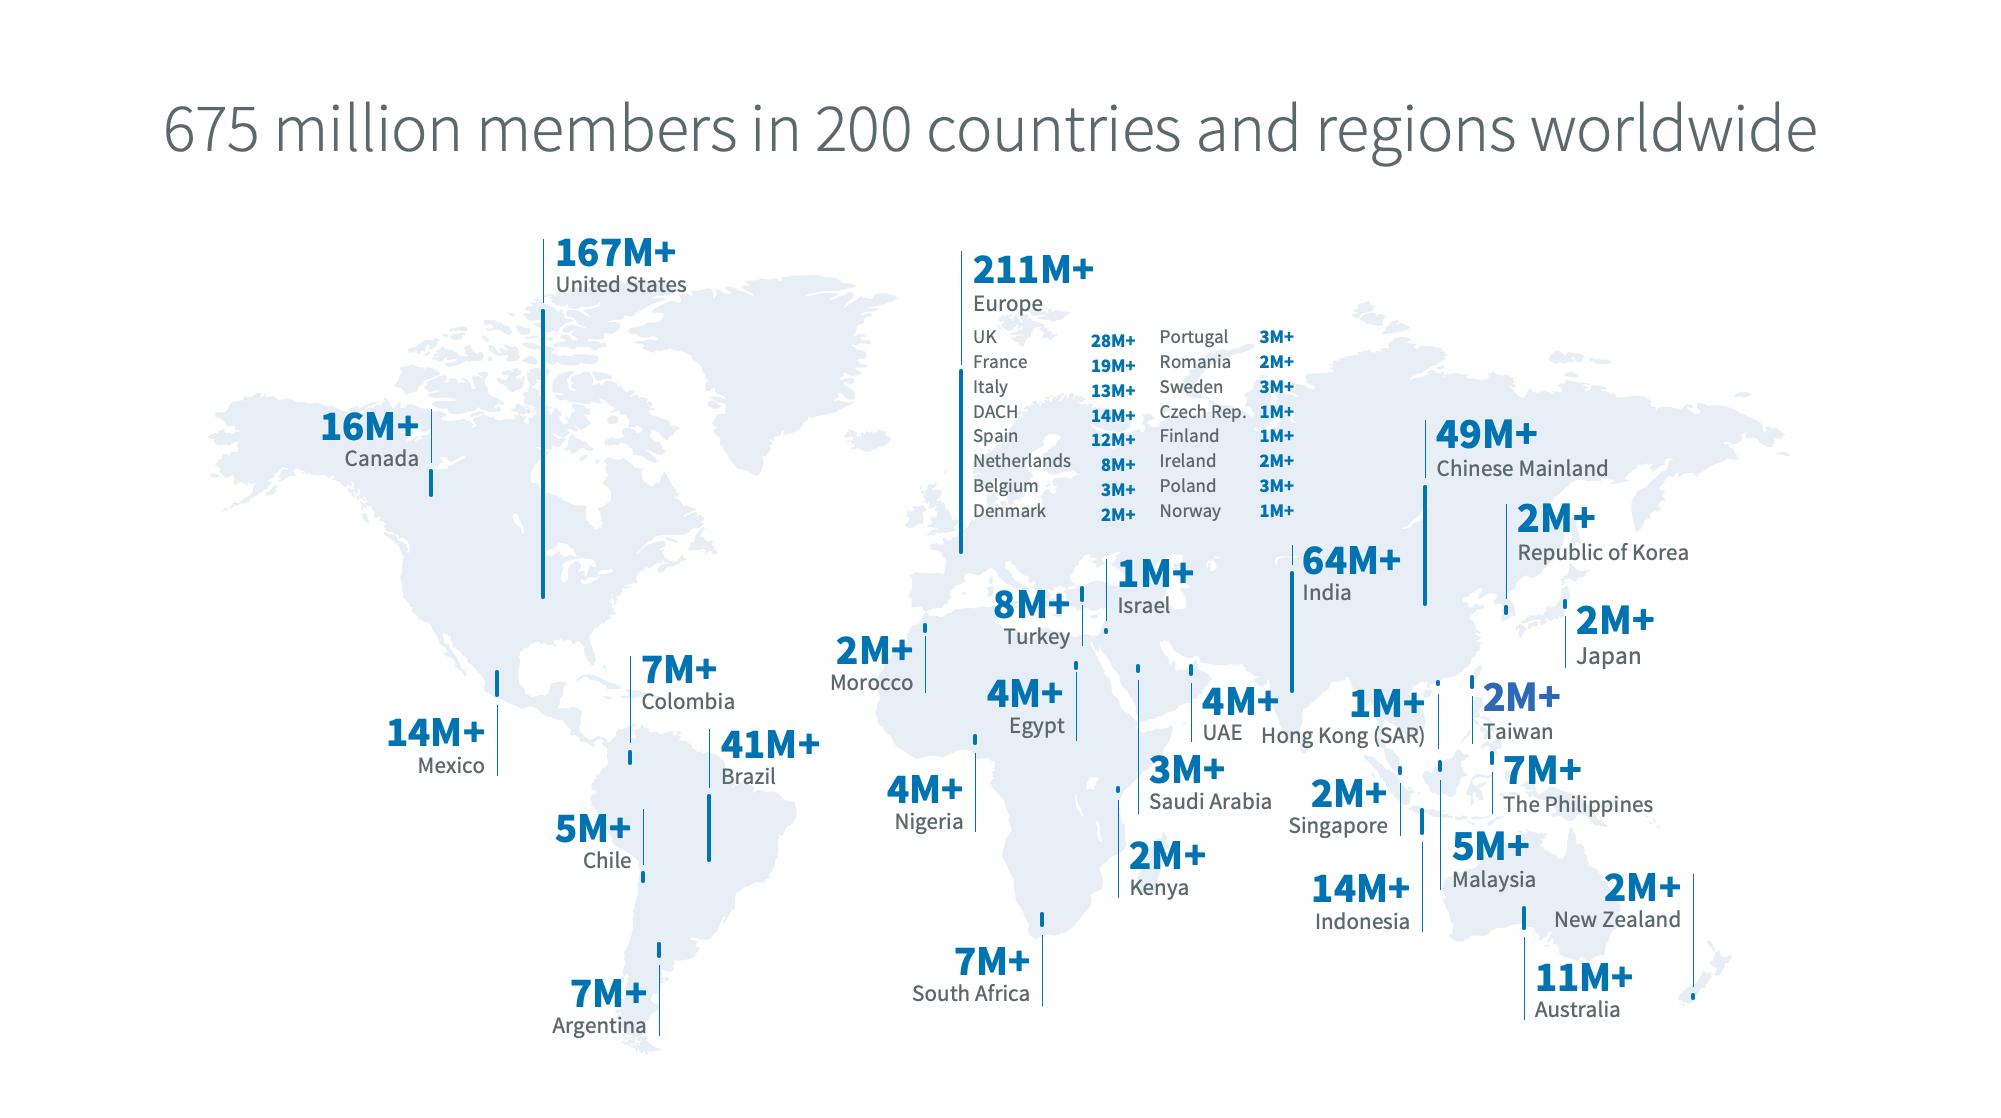 LinkedIn members numbers